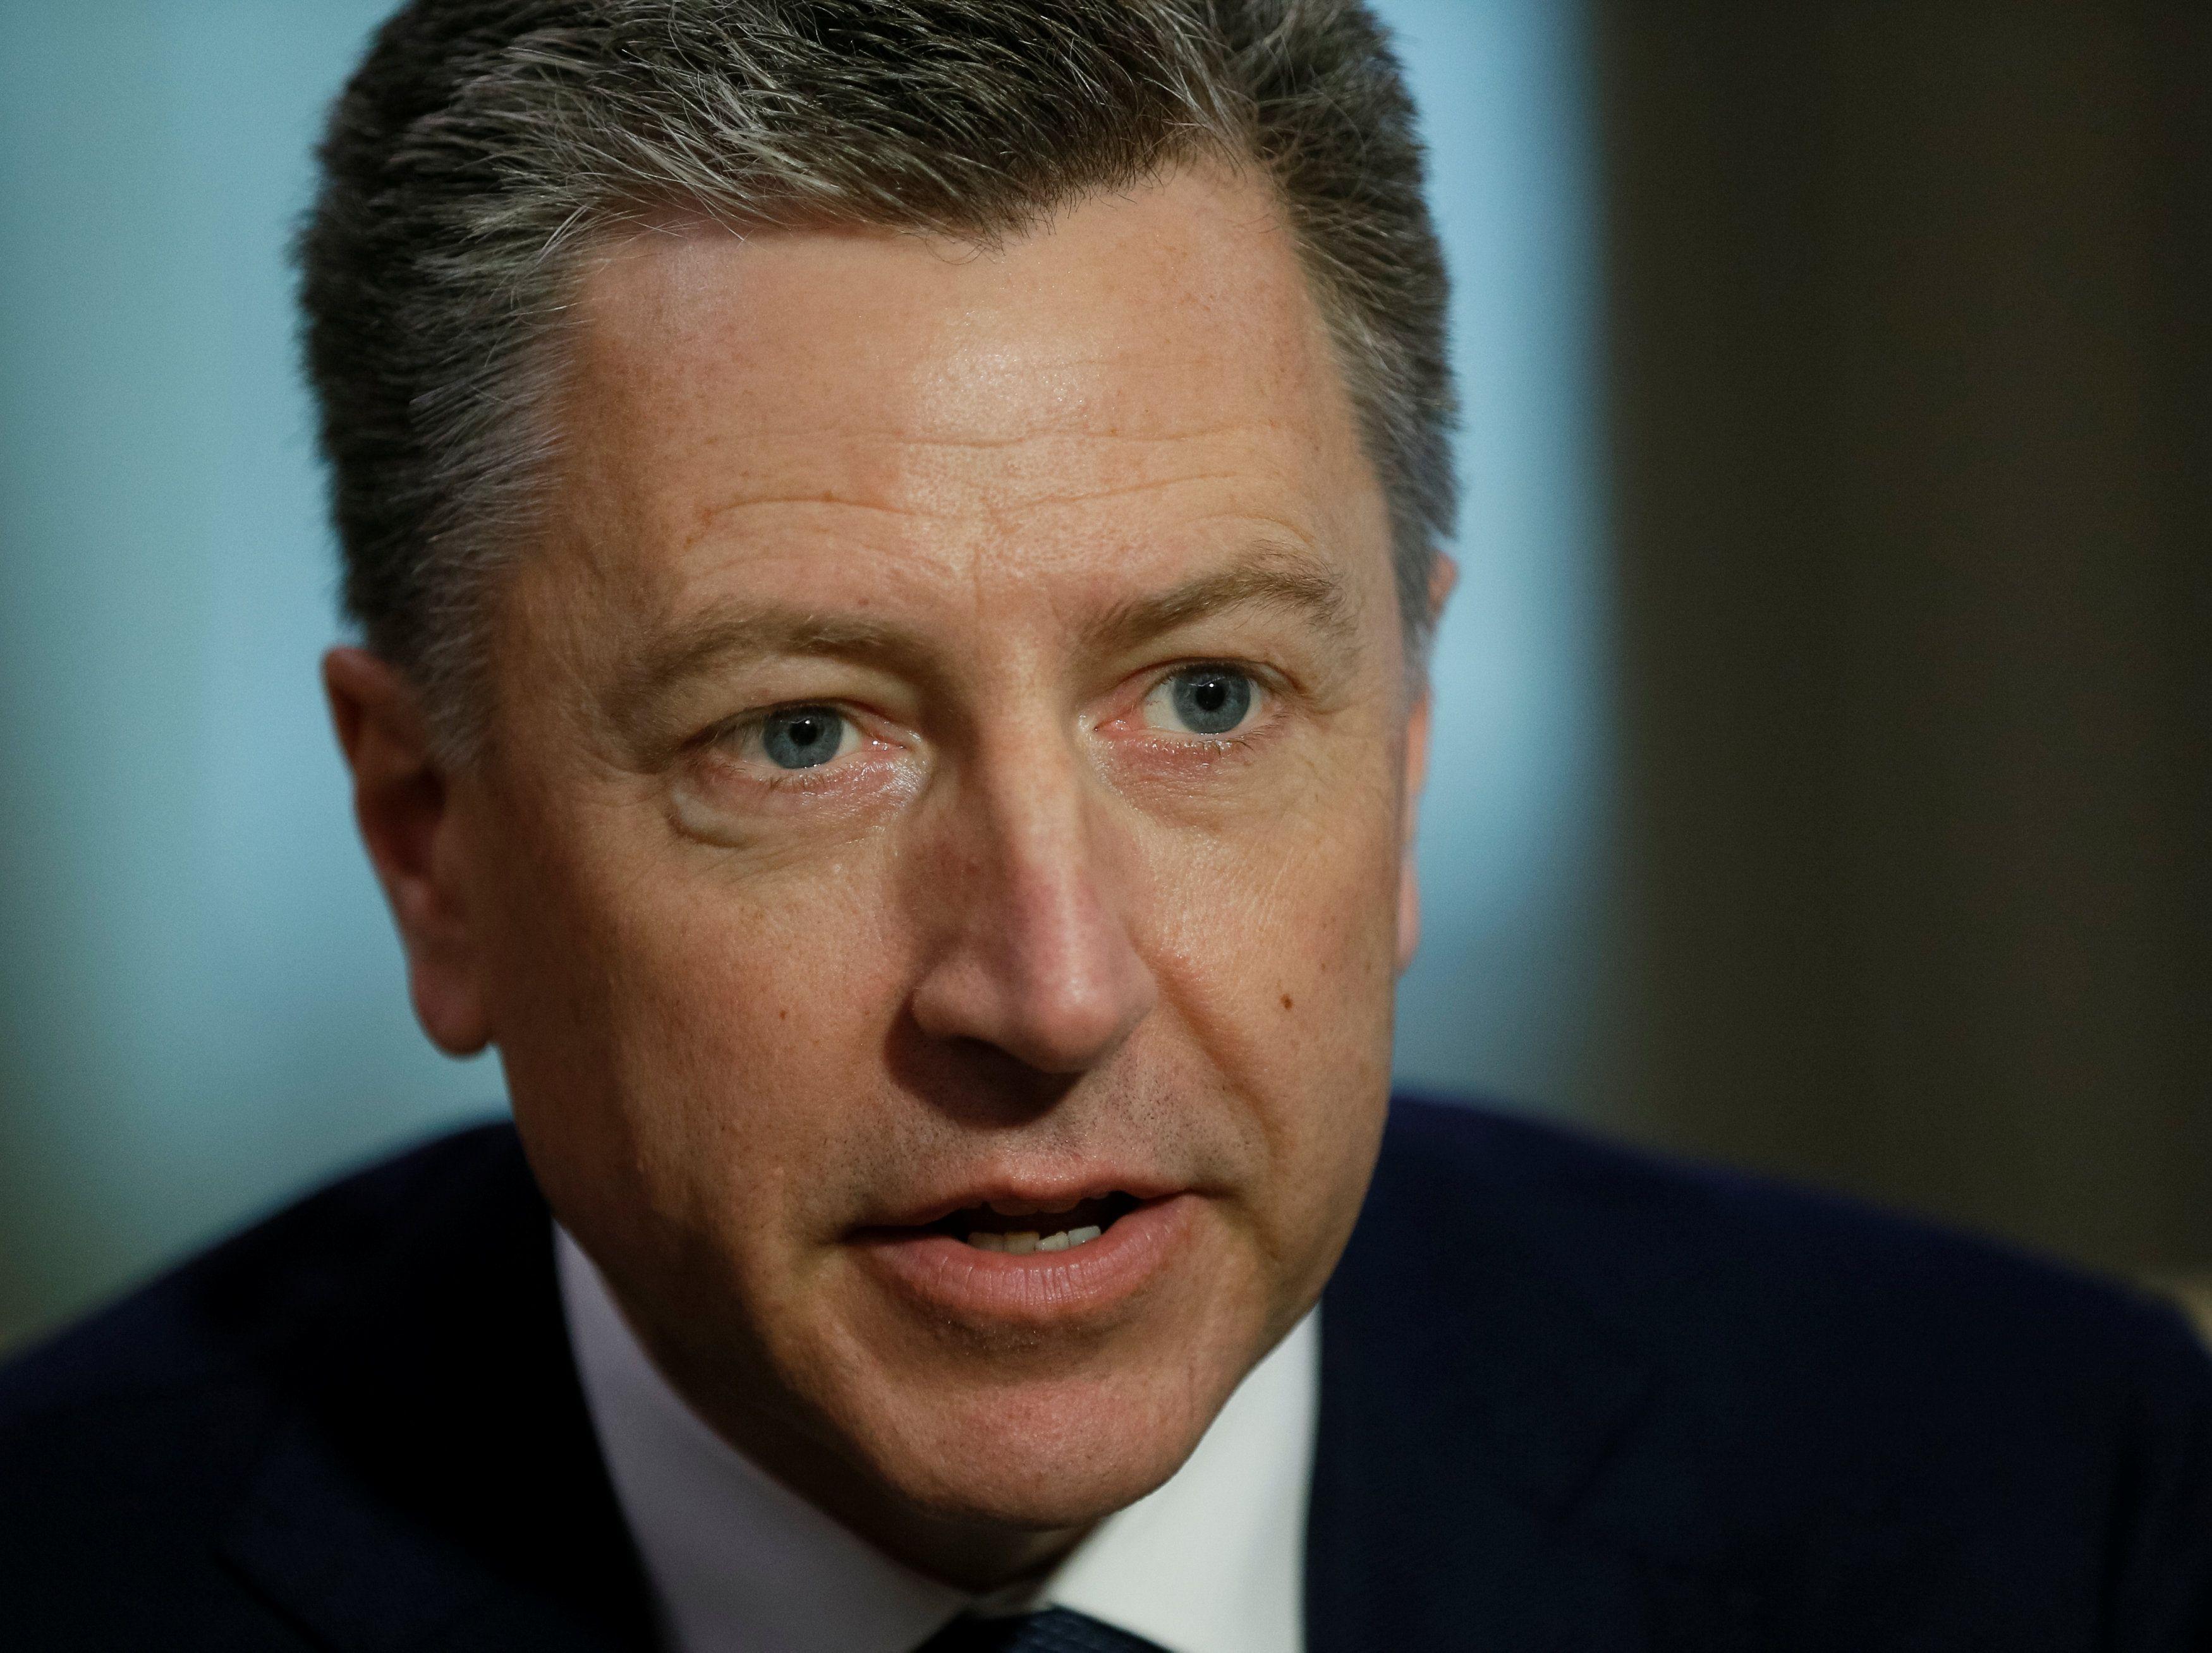 Курту Волкеру продолжили и расширили мандат по Украине, сообщила Мирослава Гонгадзе